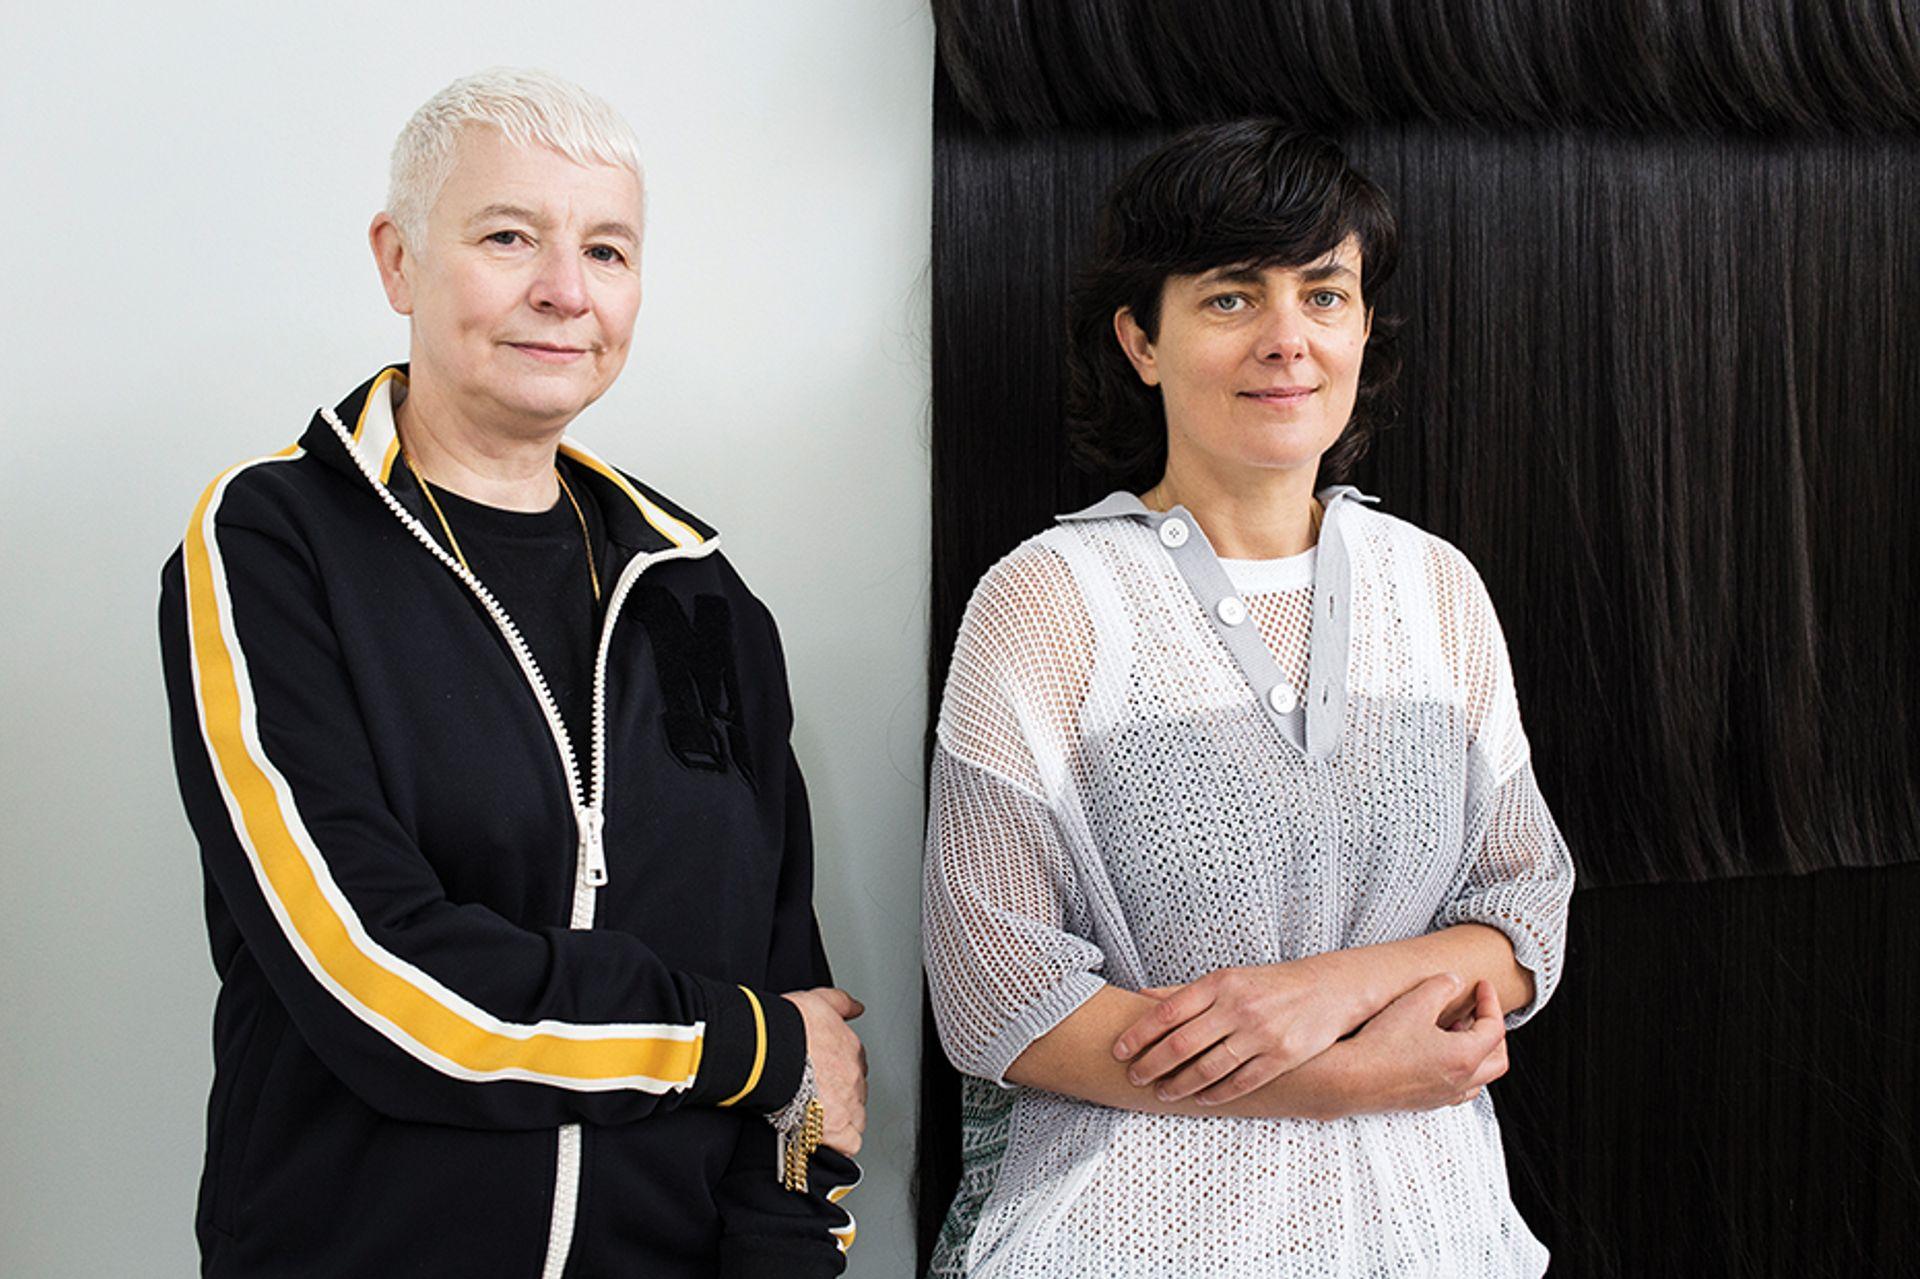 The artist duo Pauline Boudry and Renate Lorenz are representing Switzerland at the 2019 Venice Biennale ©Francesco Galli; Courtesy of La Biennale di Venezia